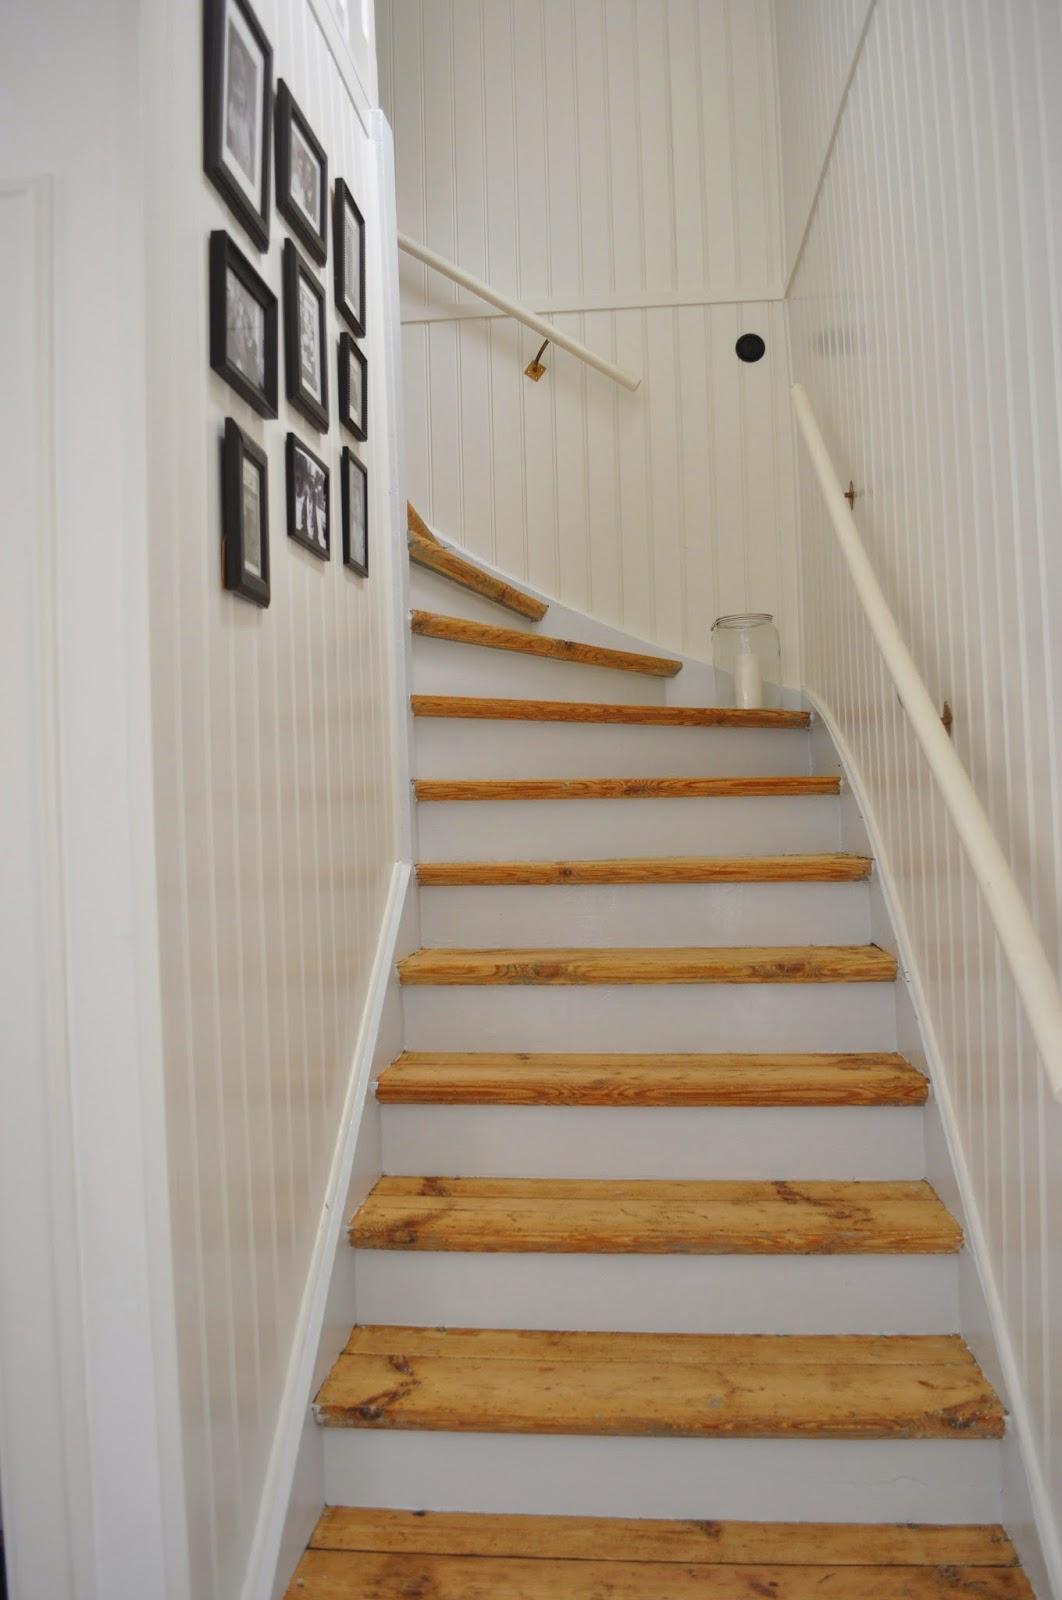 Hemma på kråkered: trappan klar!